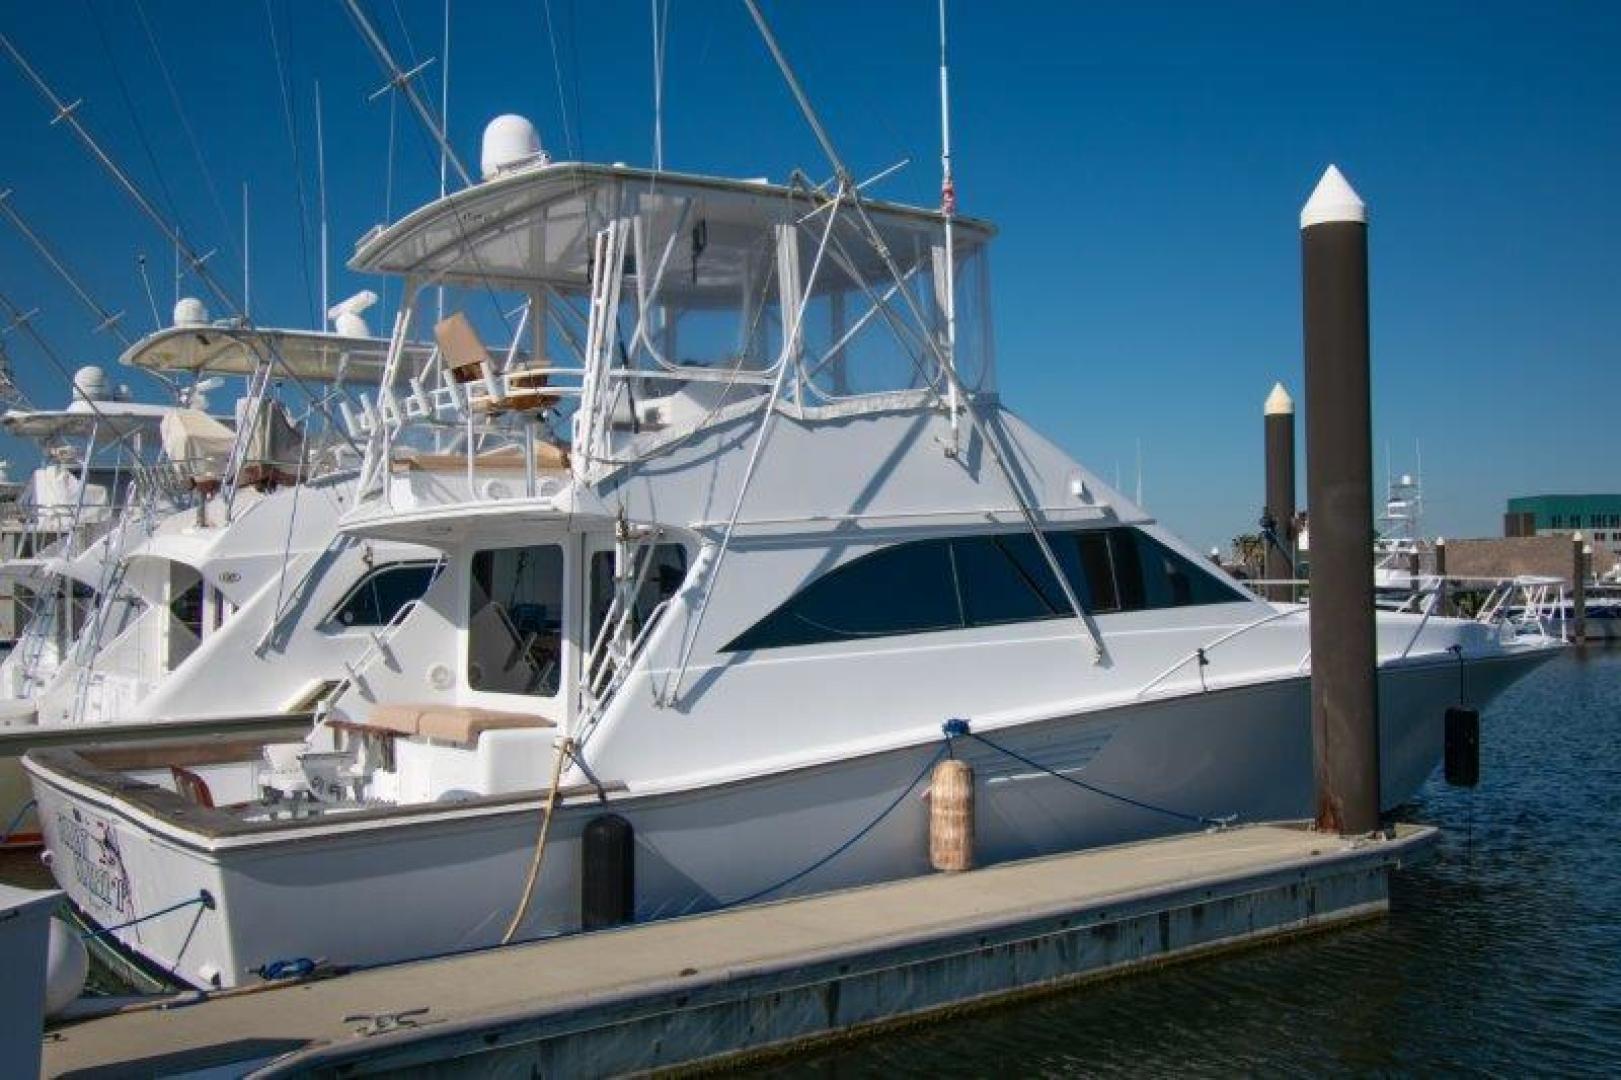 Starship-49 Sportfish 1990-Current Control Galveston-Texas-United States-Starship Sportfish 1990 Current Control-1343699 | Thumbnail